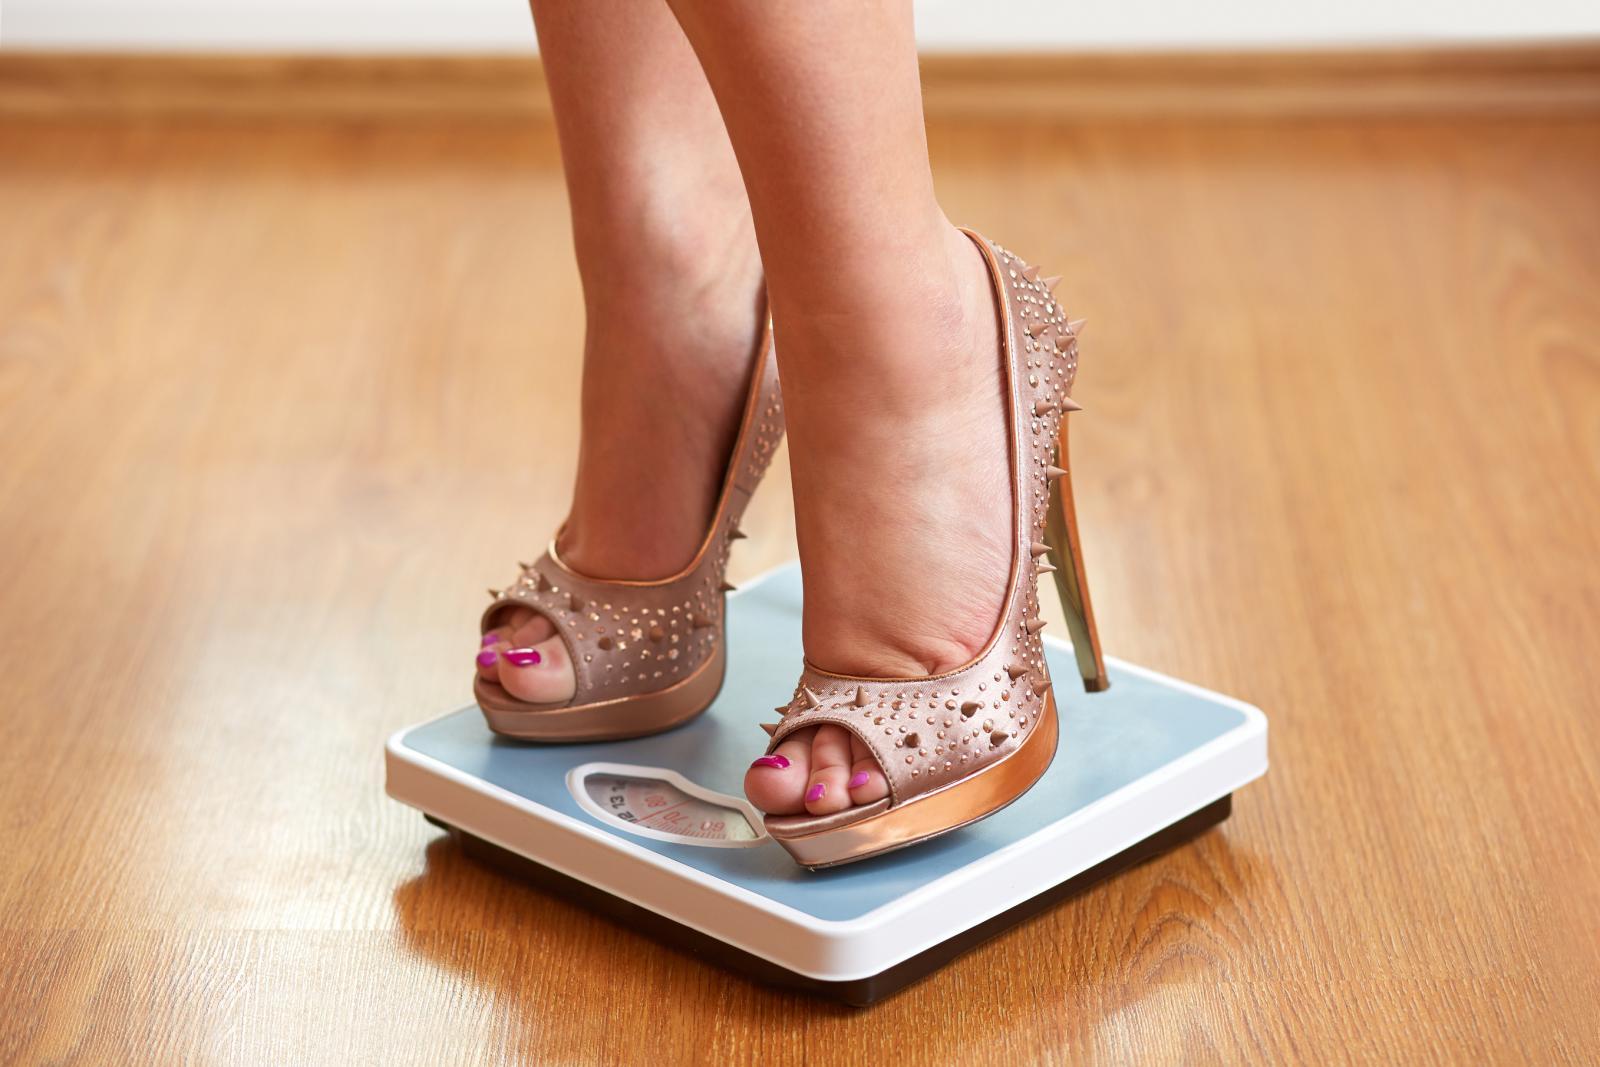 Znanstvenici smatraju da gubitak tjelesne mase više utječe na smanjenje rizika za dijabetes nego na smanjenje rizika za infarkt.